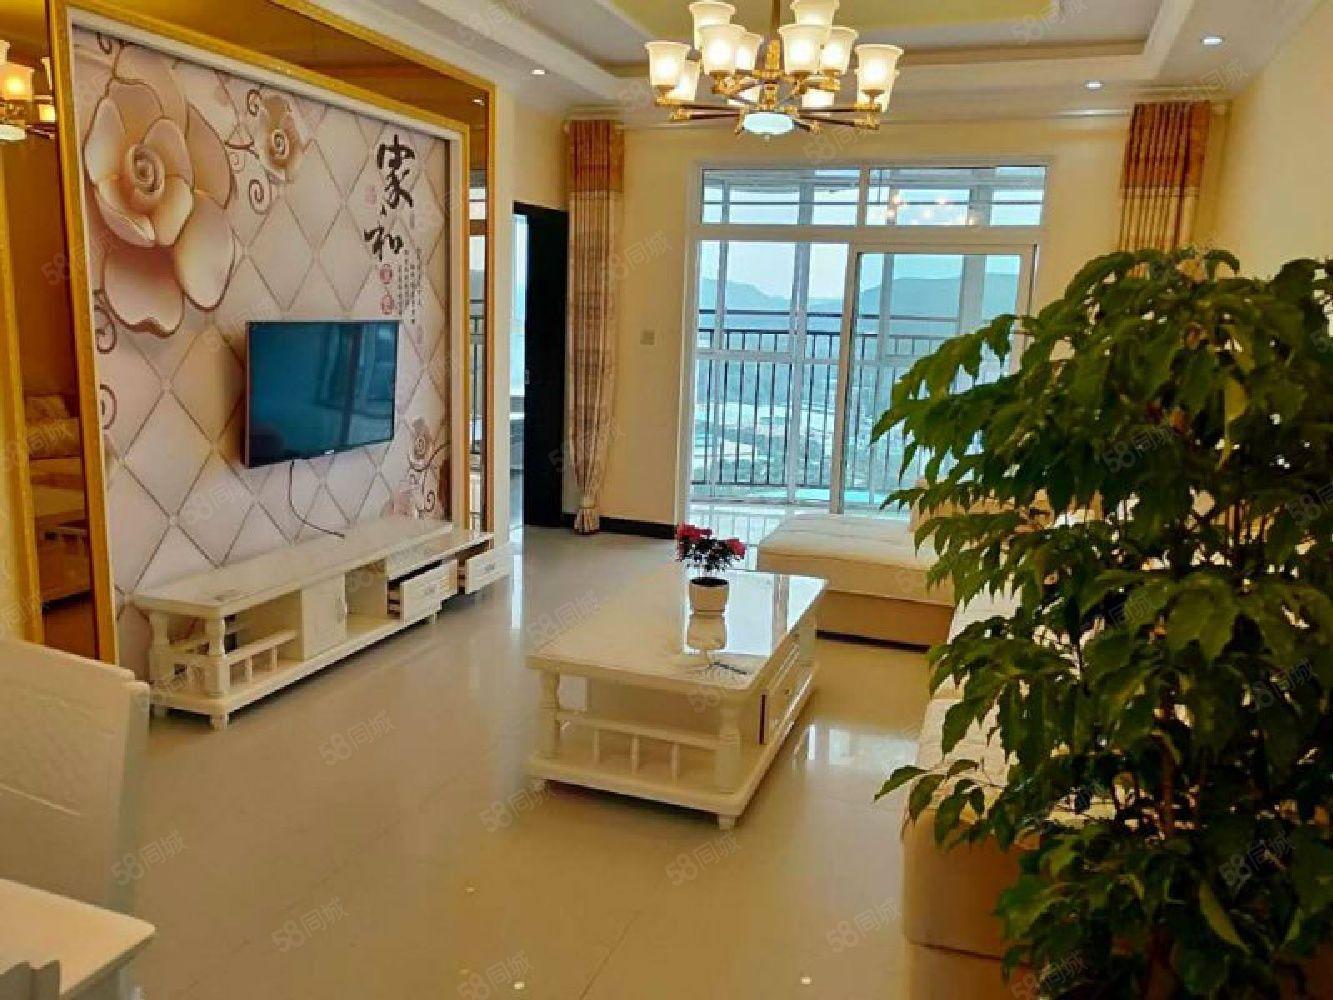 南城江景电梯房精装两室敞亮户型值得拥有大型小区证齐